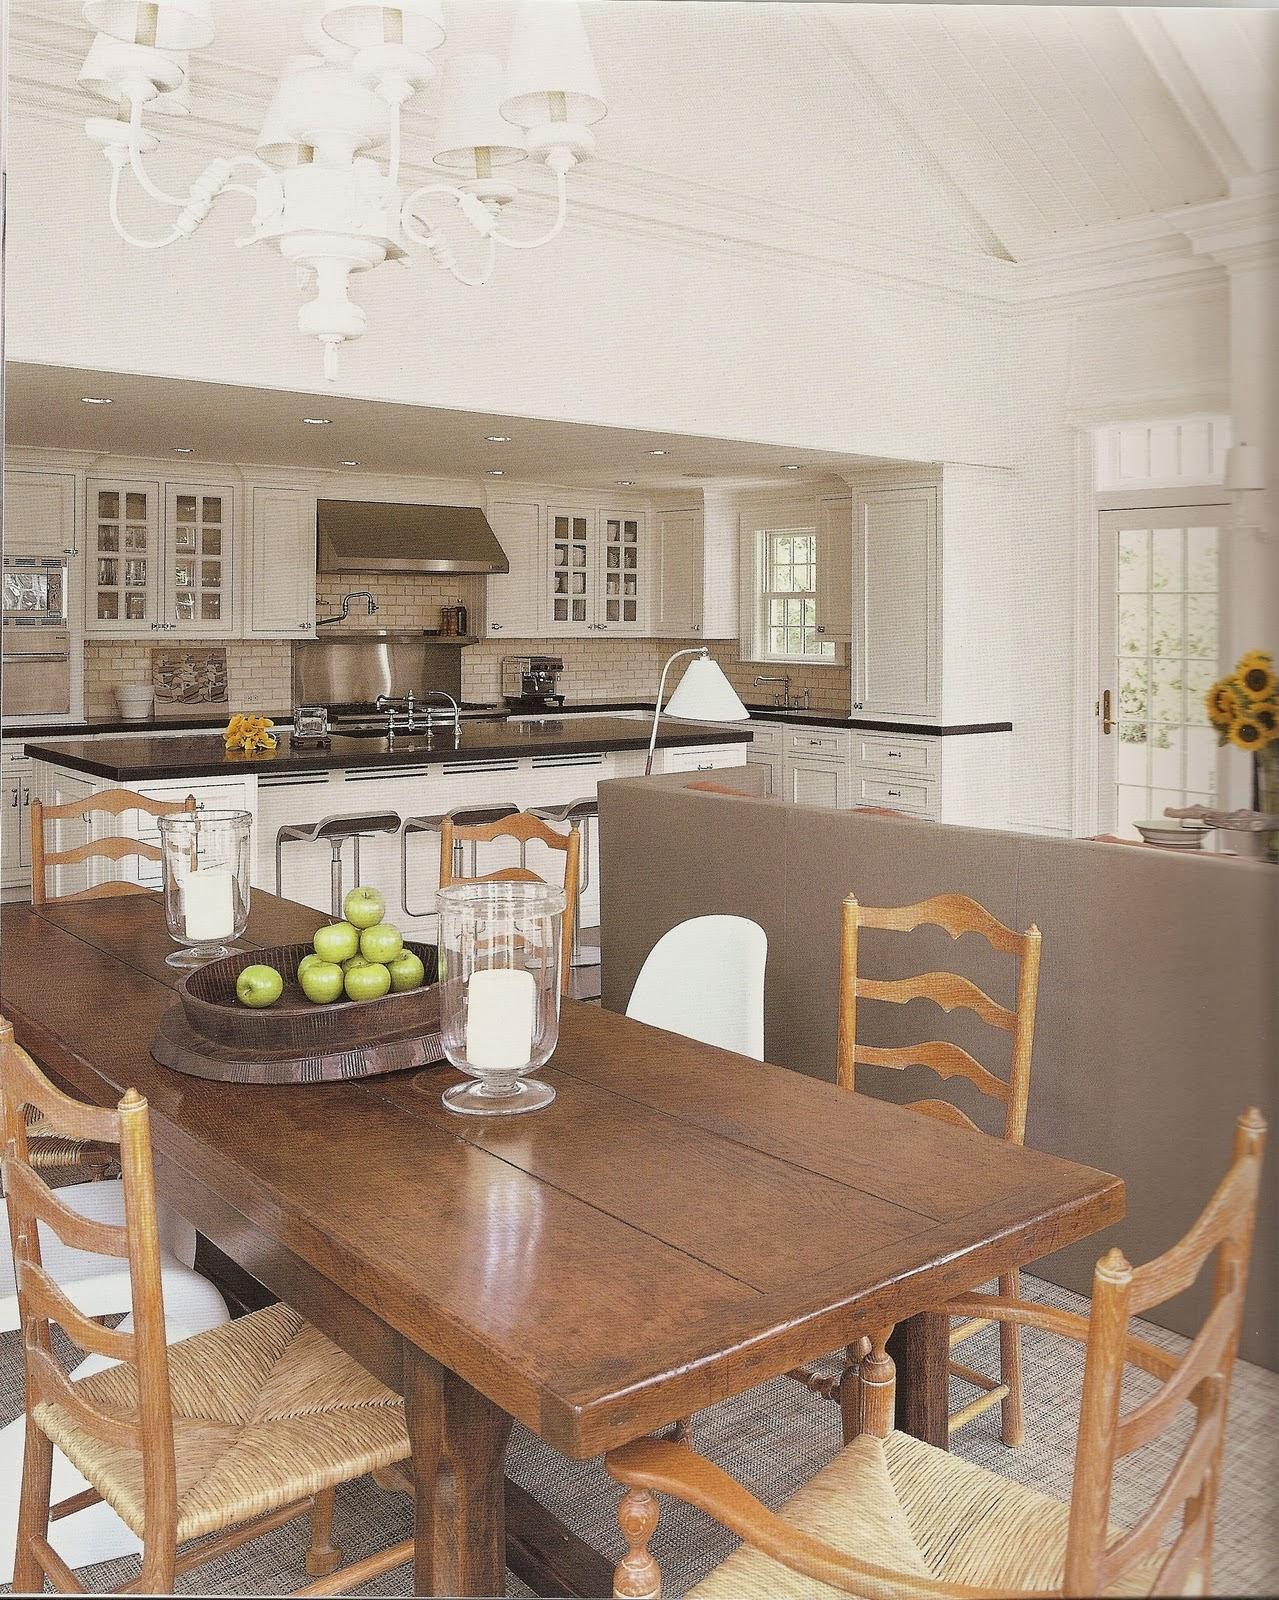 meu tempo na cozinha então nada melhor do que ter uma bela cozinha #926339 1279 1600